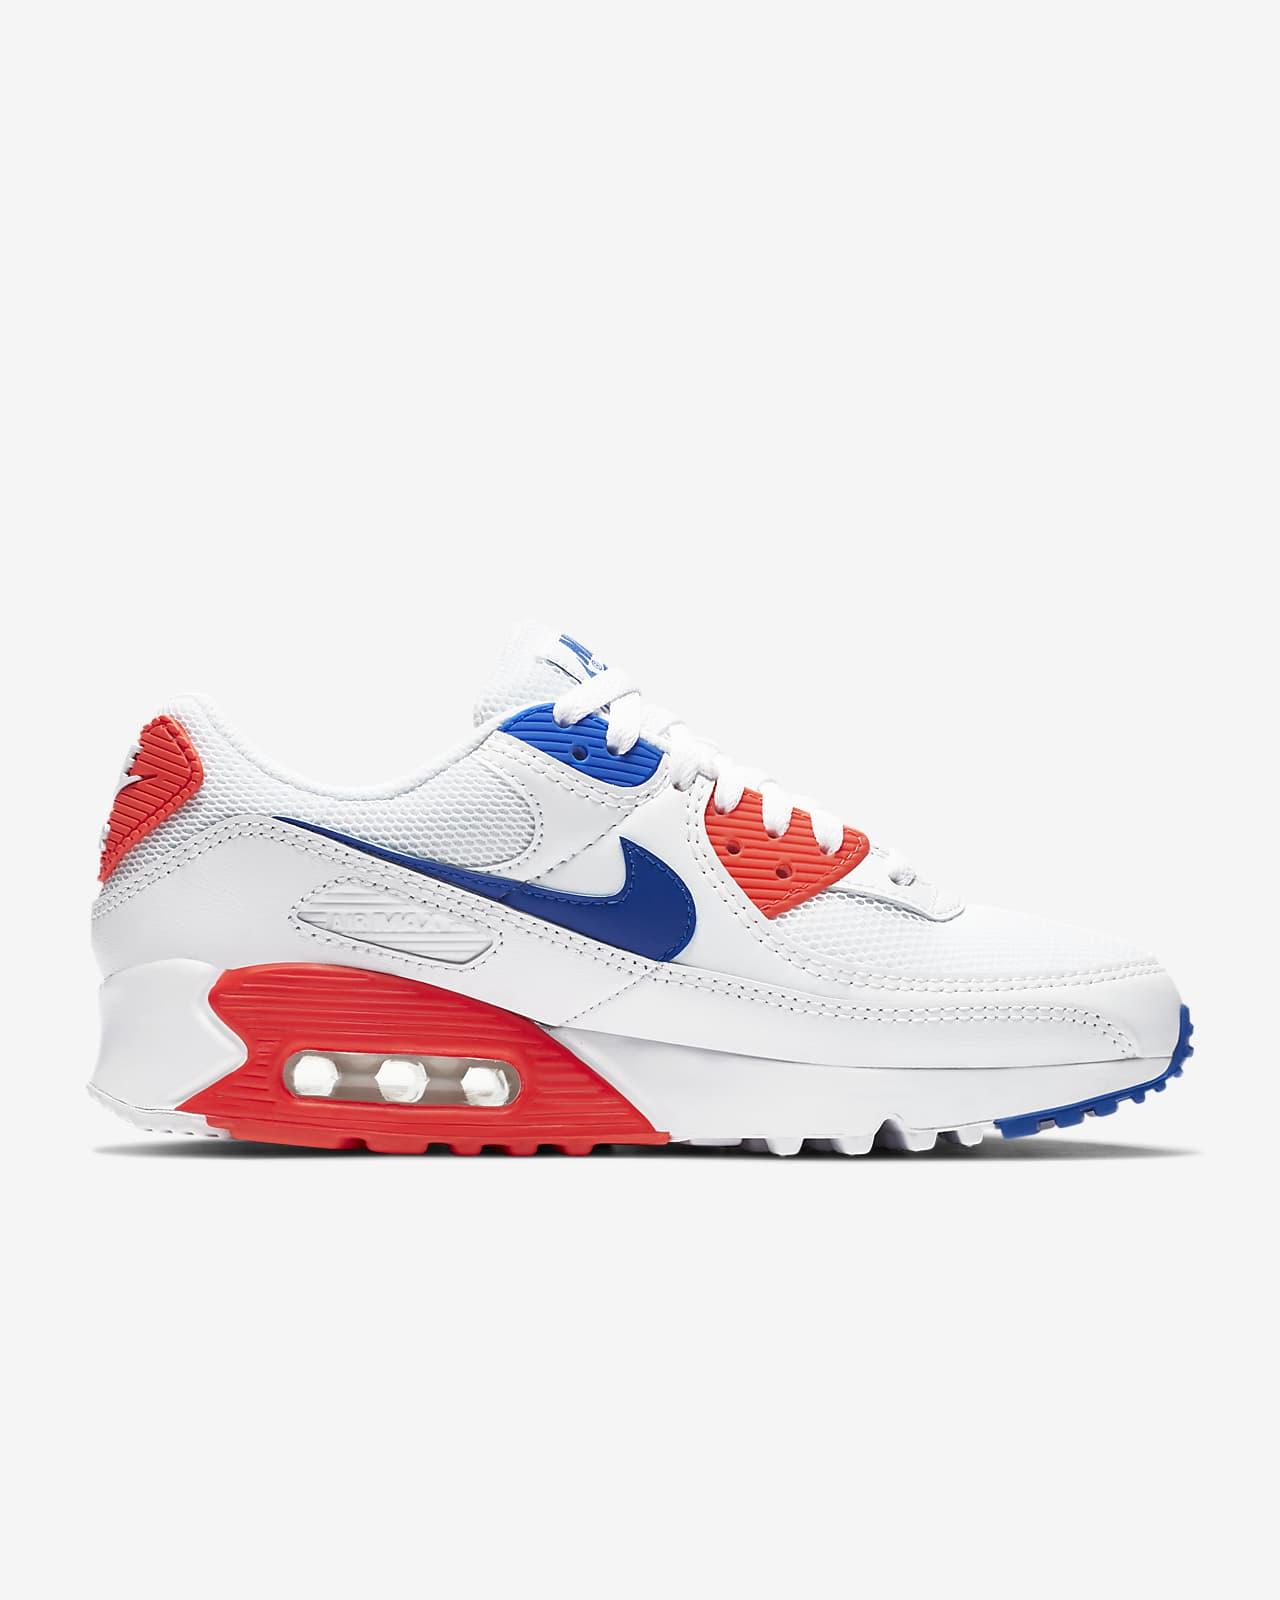 baskets nike air max 90 chaussures de running pour homme femme bleu